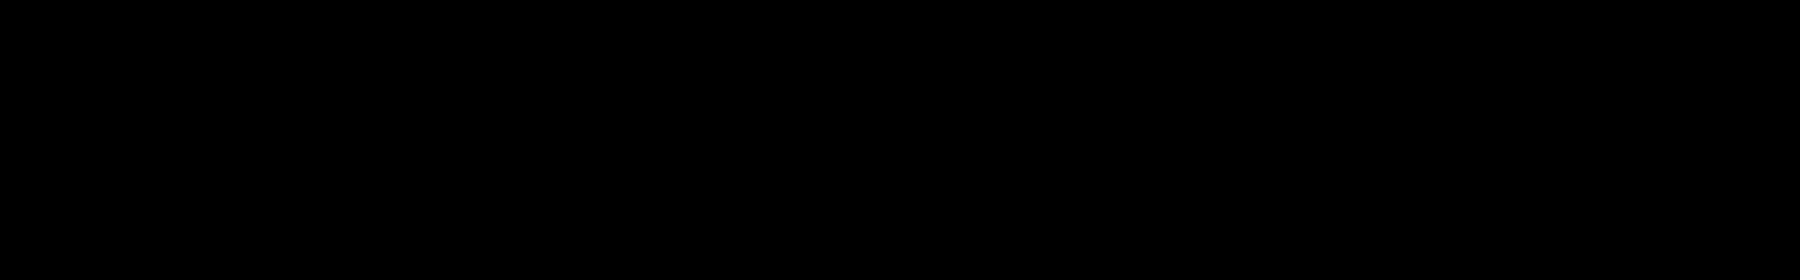 Luftrum Thor audio waveform